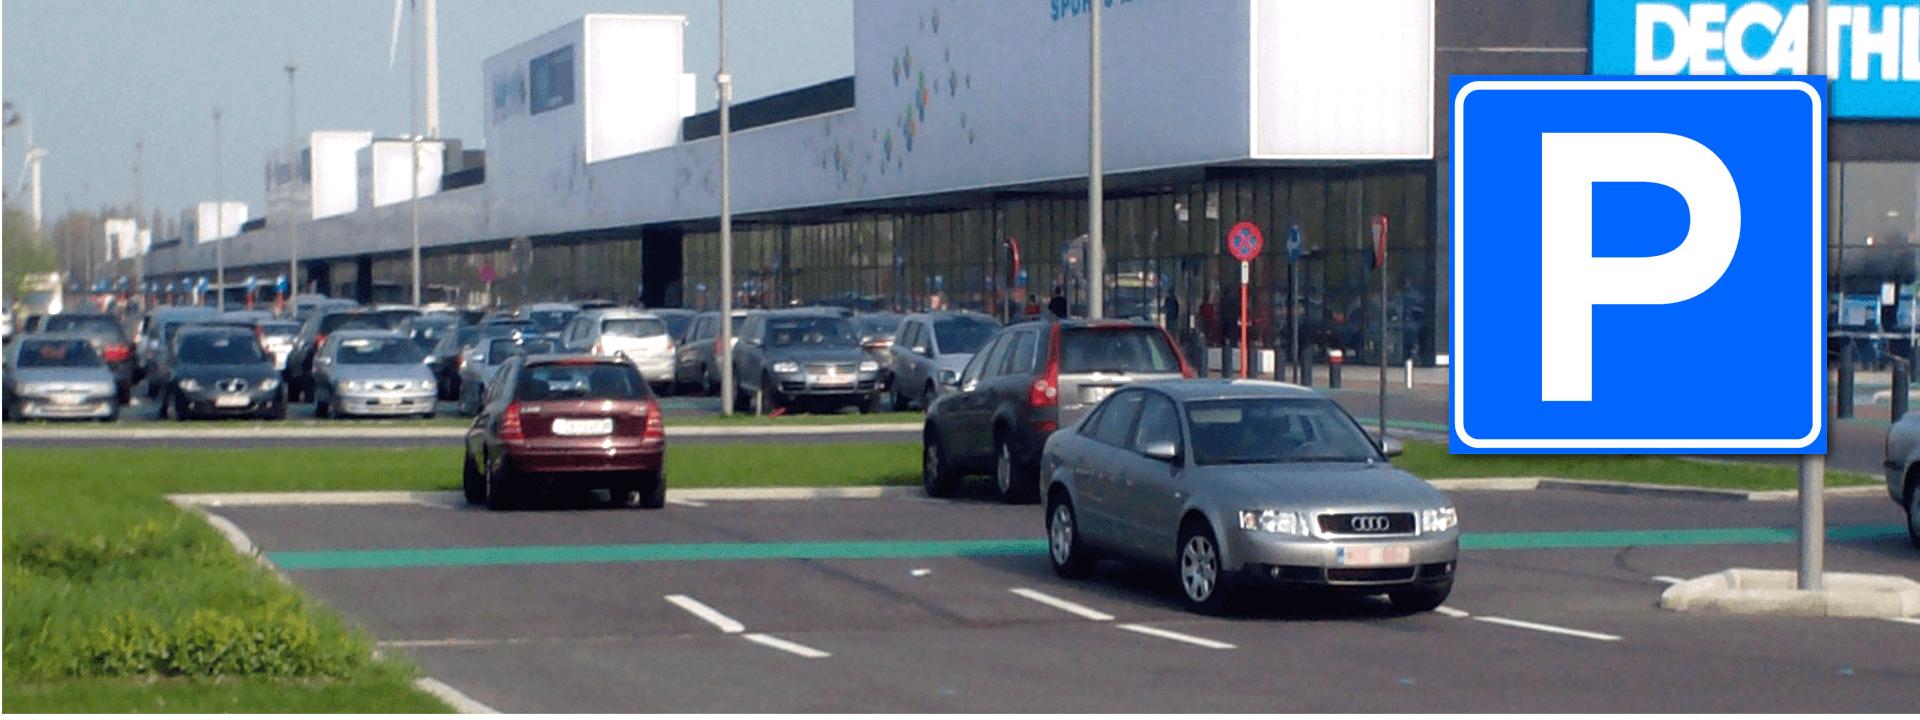 stationnement sans barrières